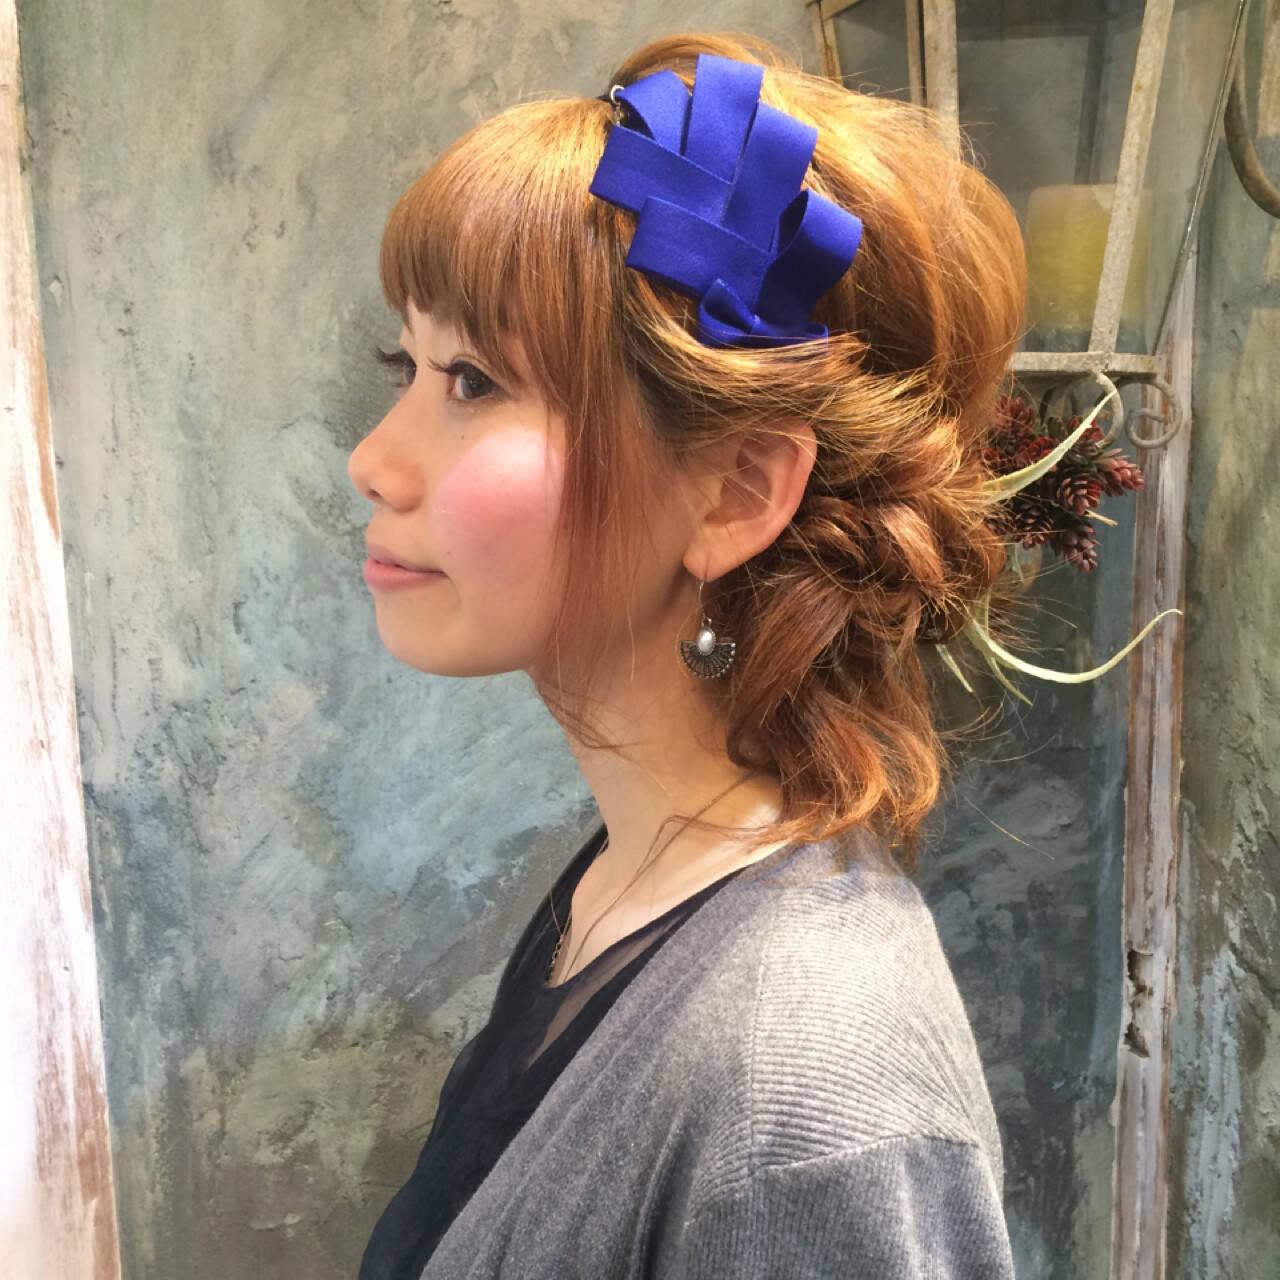 パーマ ハーフアップ ミディアム 簡単ヘアアレンジヘアスタイルや髪型の写真・画像